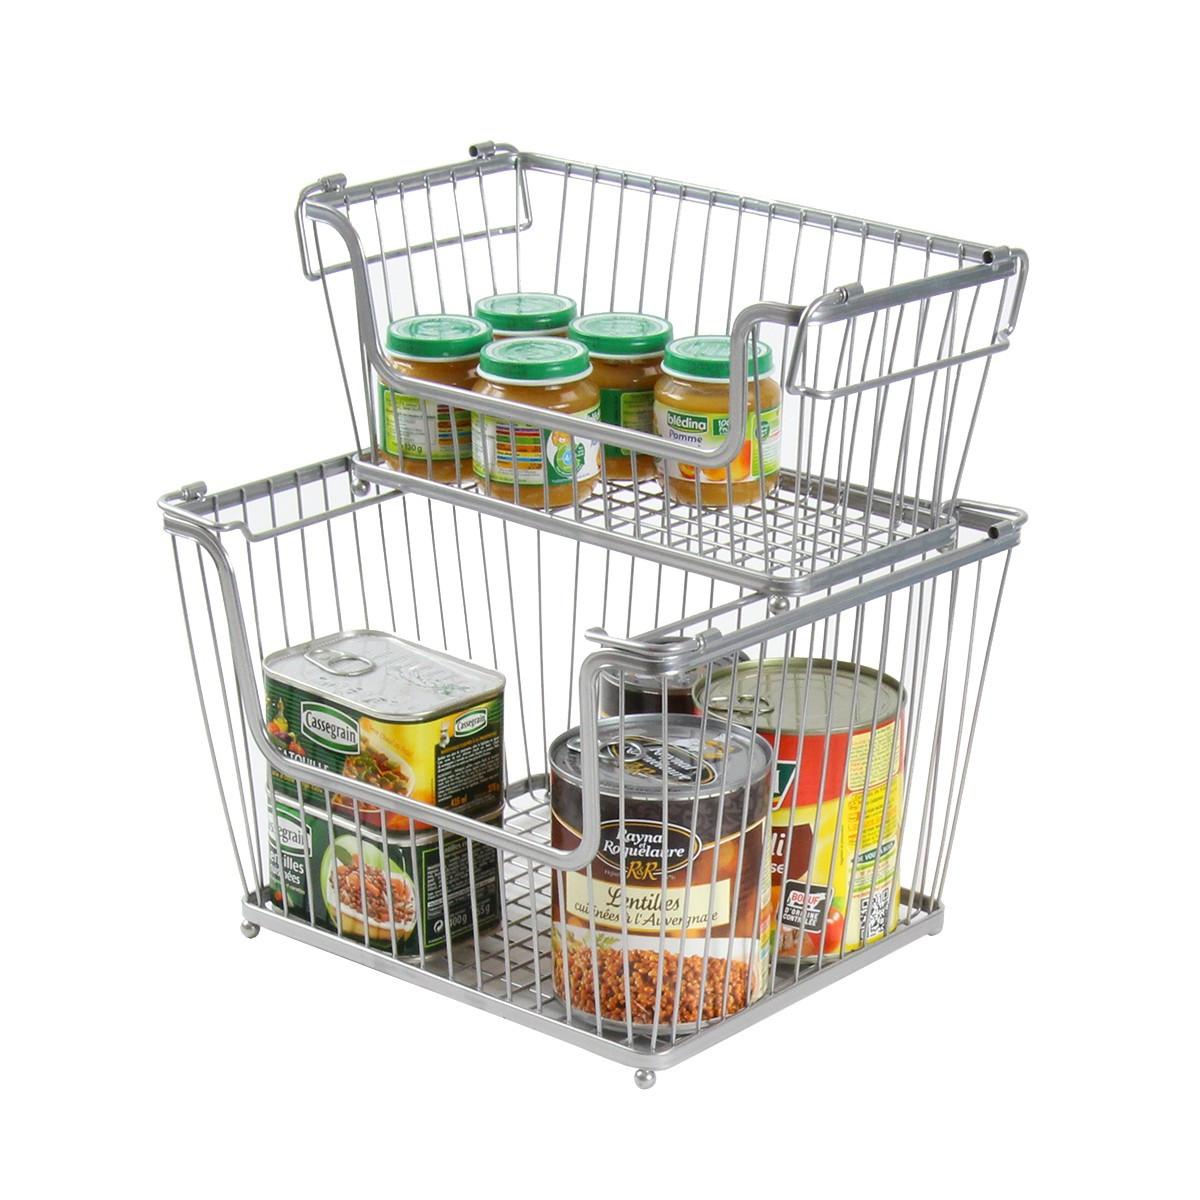 Caisse rangement plastique ikea maison design - Lit empilable ikea ...